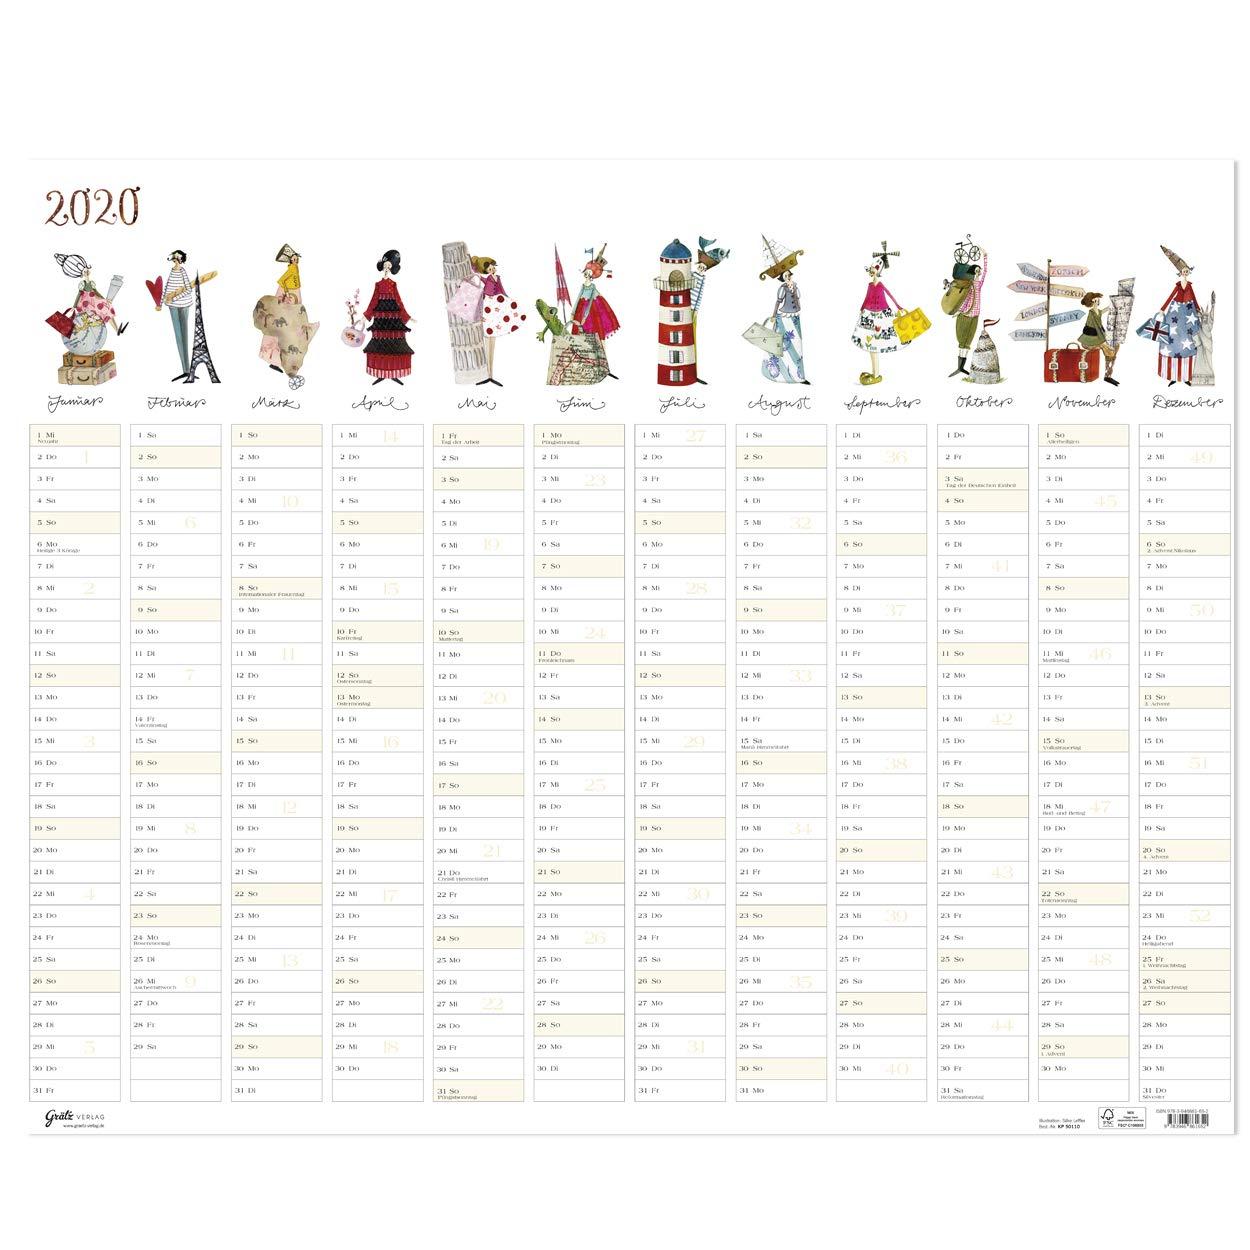 Großer Jahresplaner 2020 aus dem Grätz Verlag Bürokalender mit Illustrationen von Silke Leffler